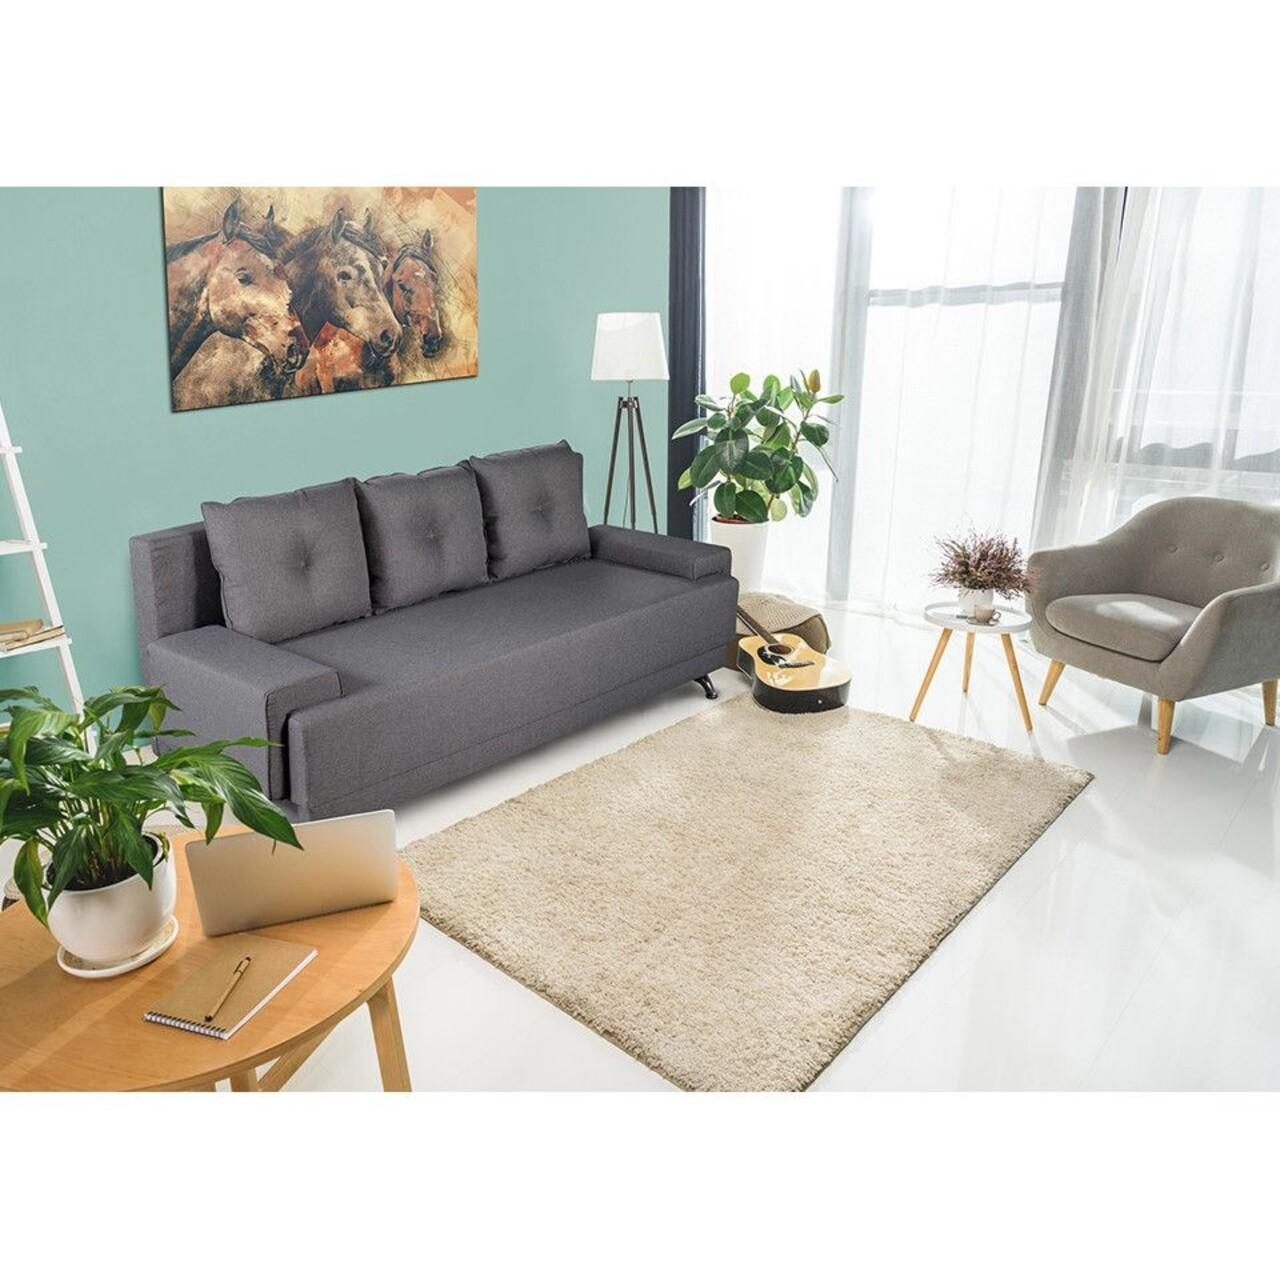 Canapea extensibilă Roma Lux Grey 205x90x86 cm + ladă de depozitare, gri